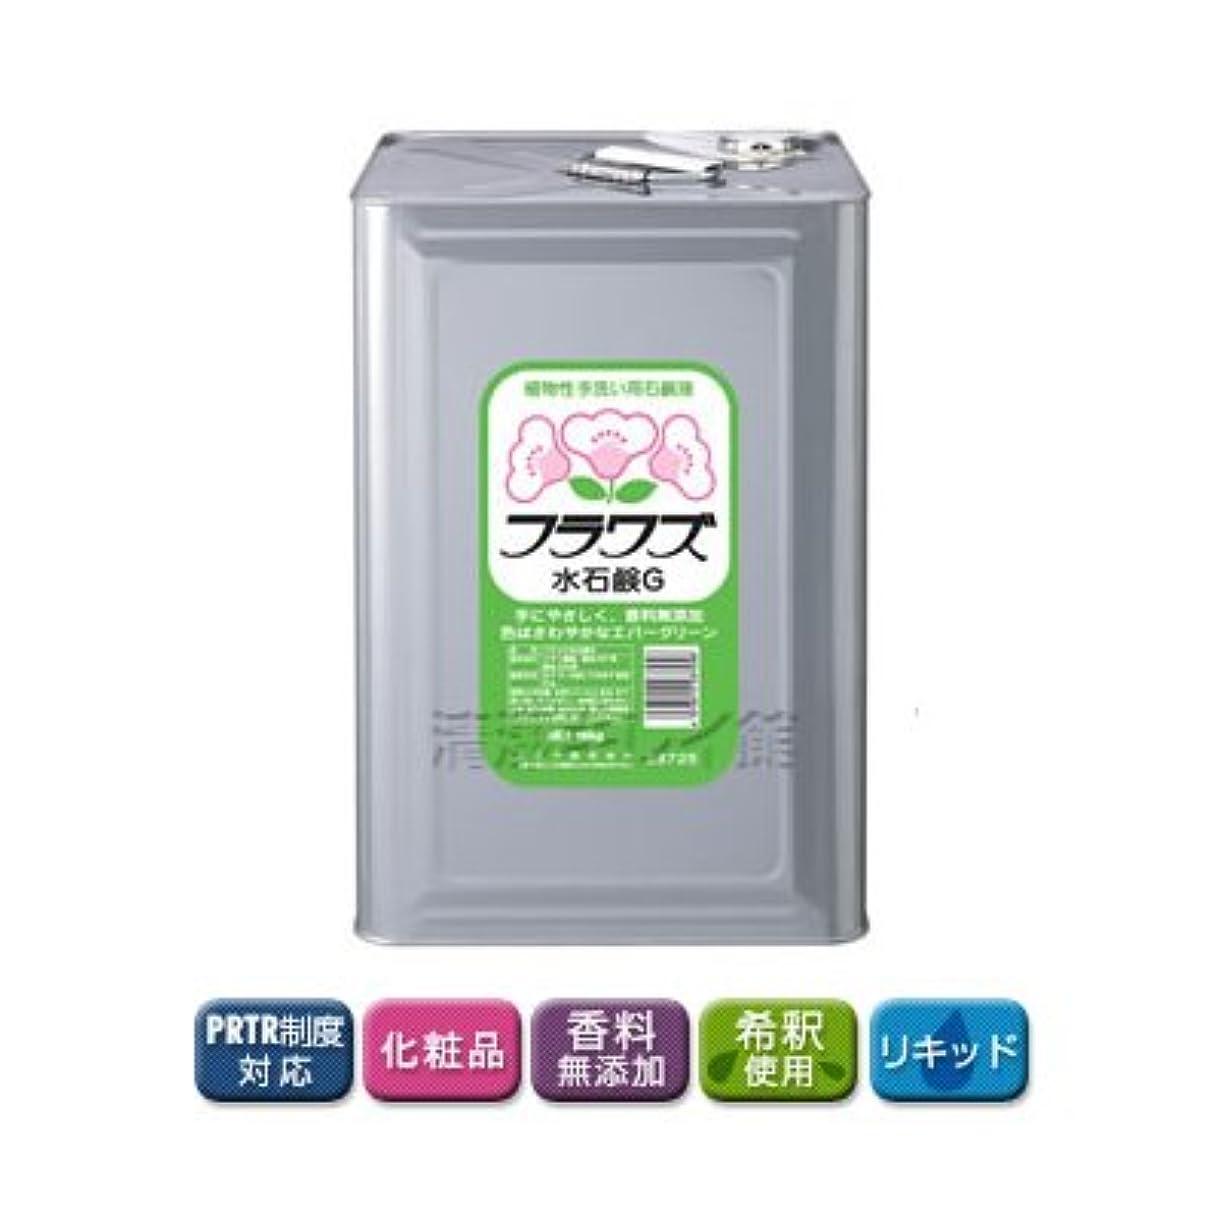 【清潔キレイ館】サラヤ フラワズ水石鹸液G(18L)